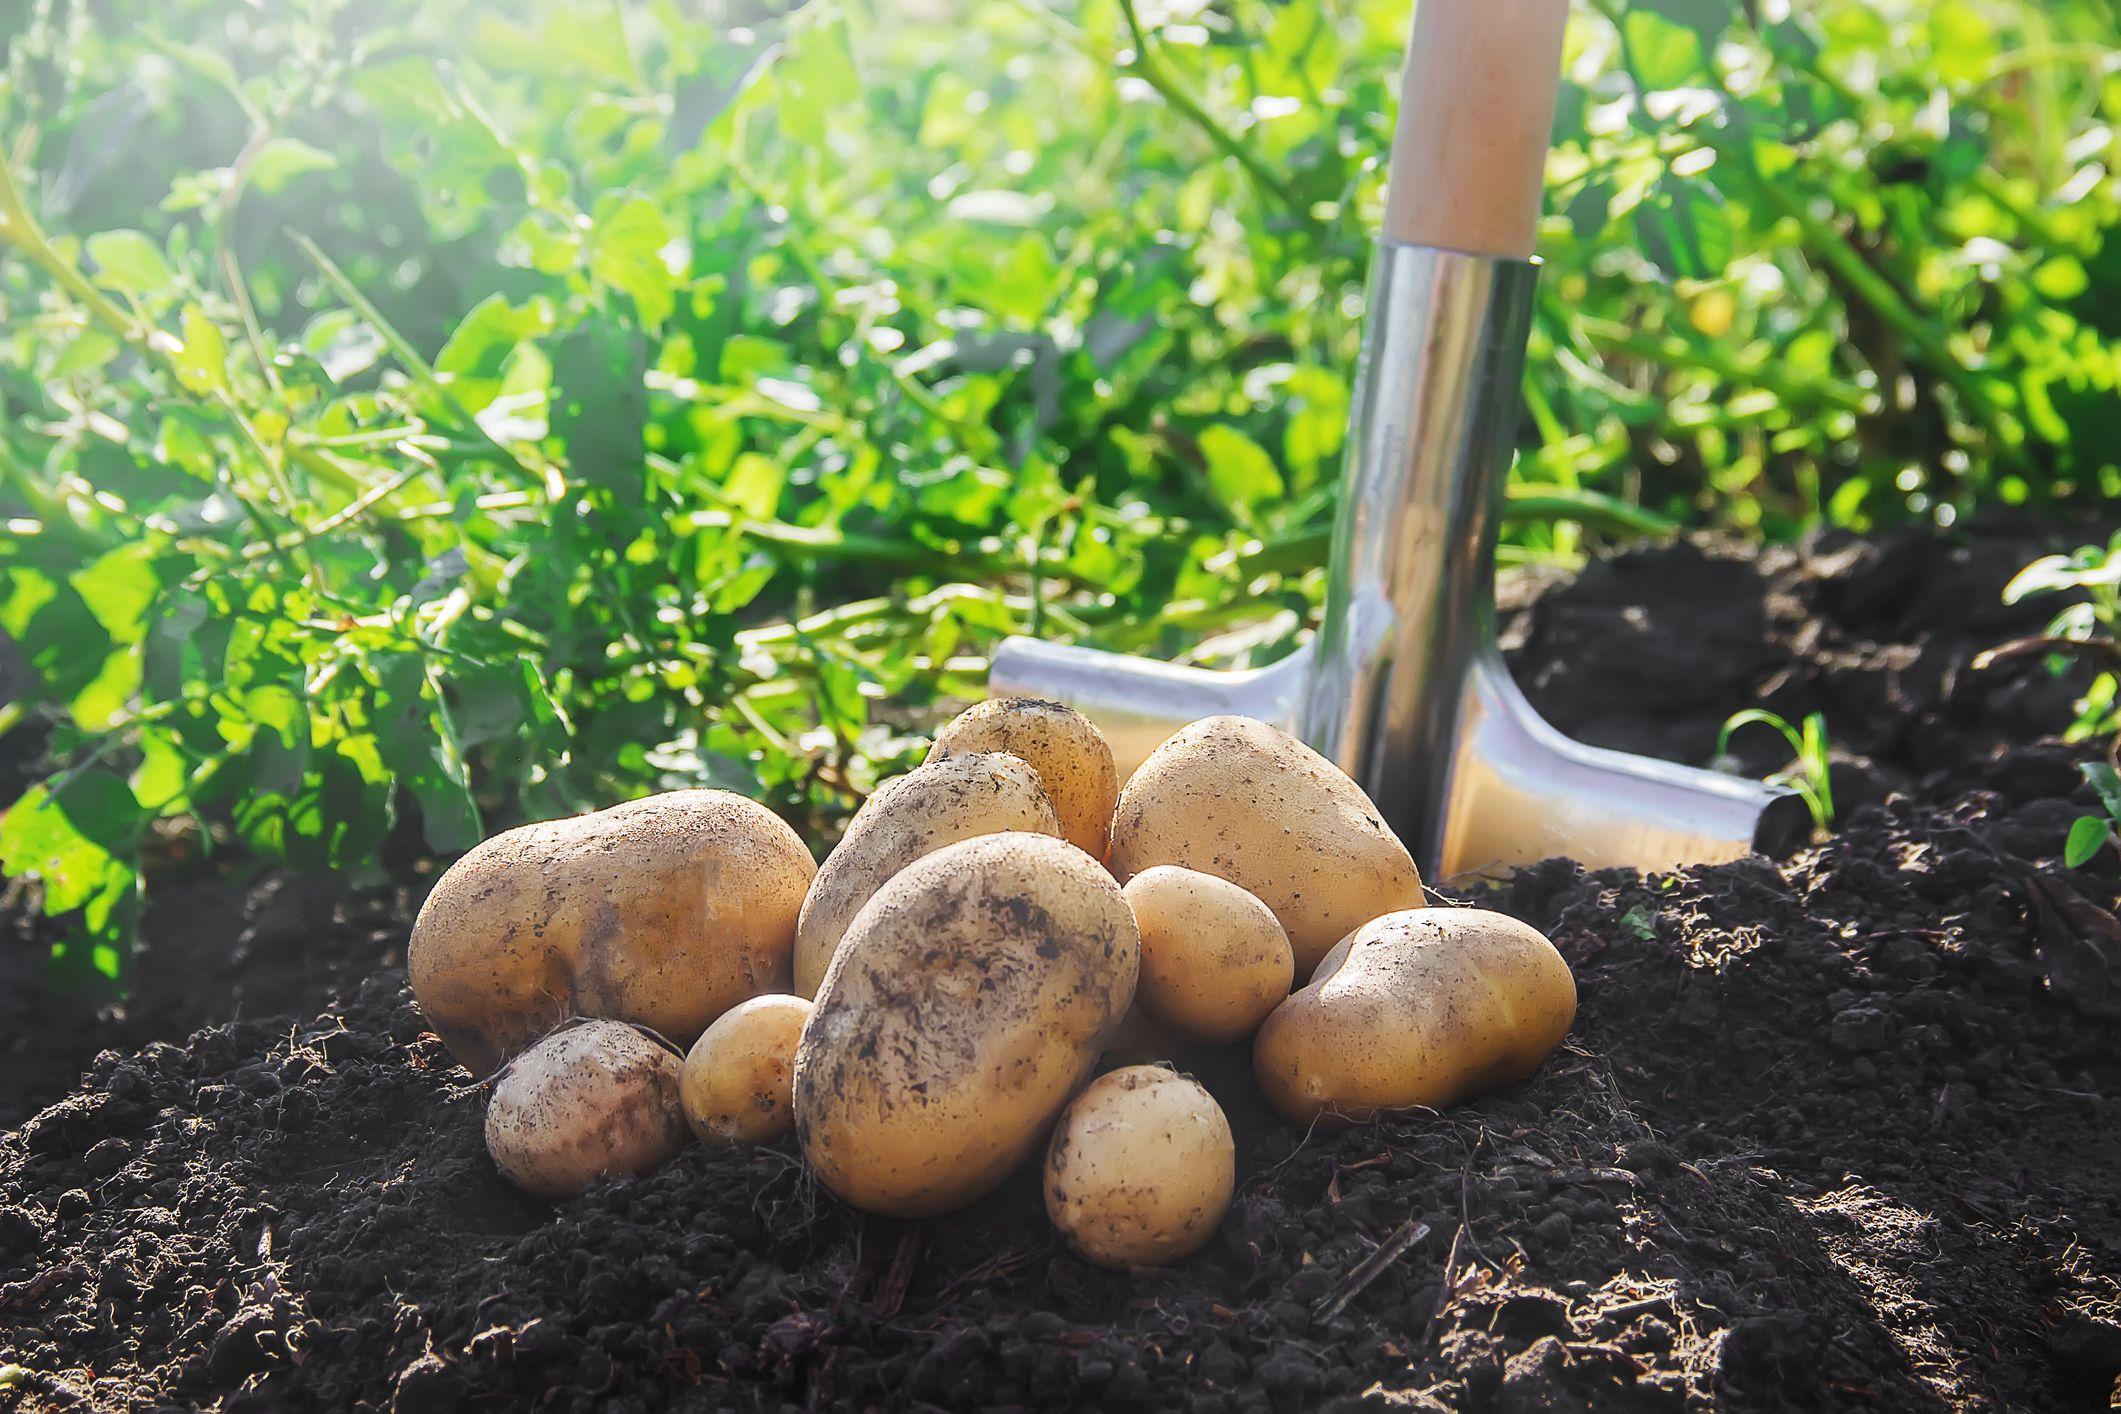 كيفية زراعة البطاطا من الثمار الموجودة لديك في المنزل